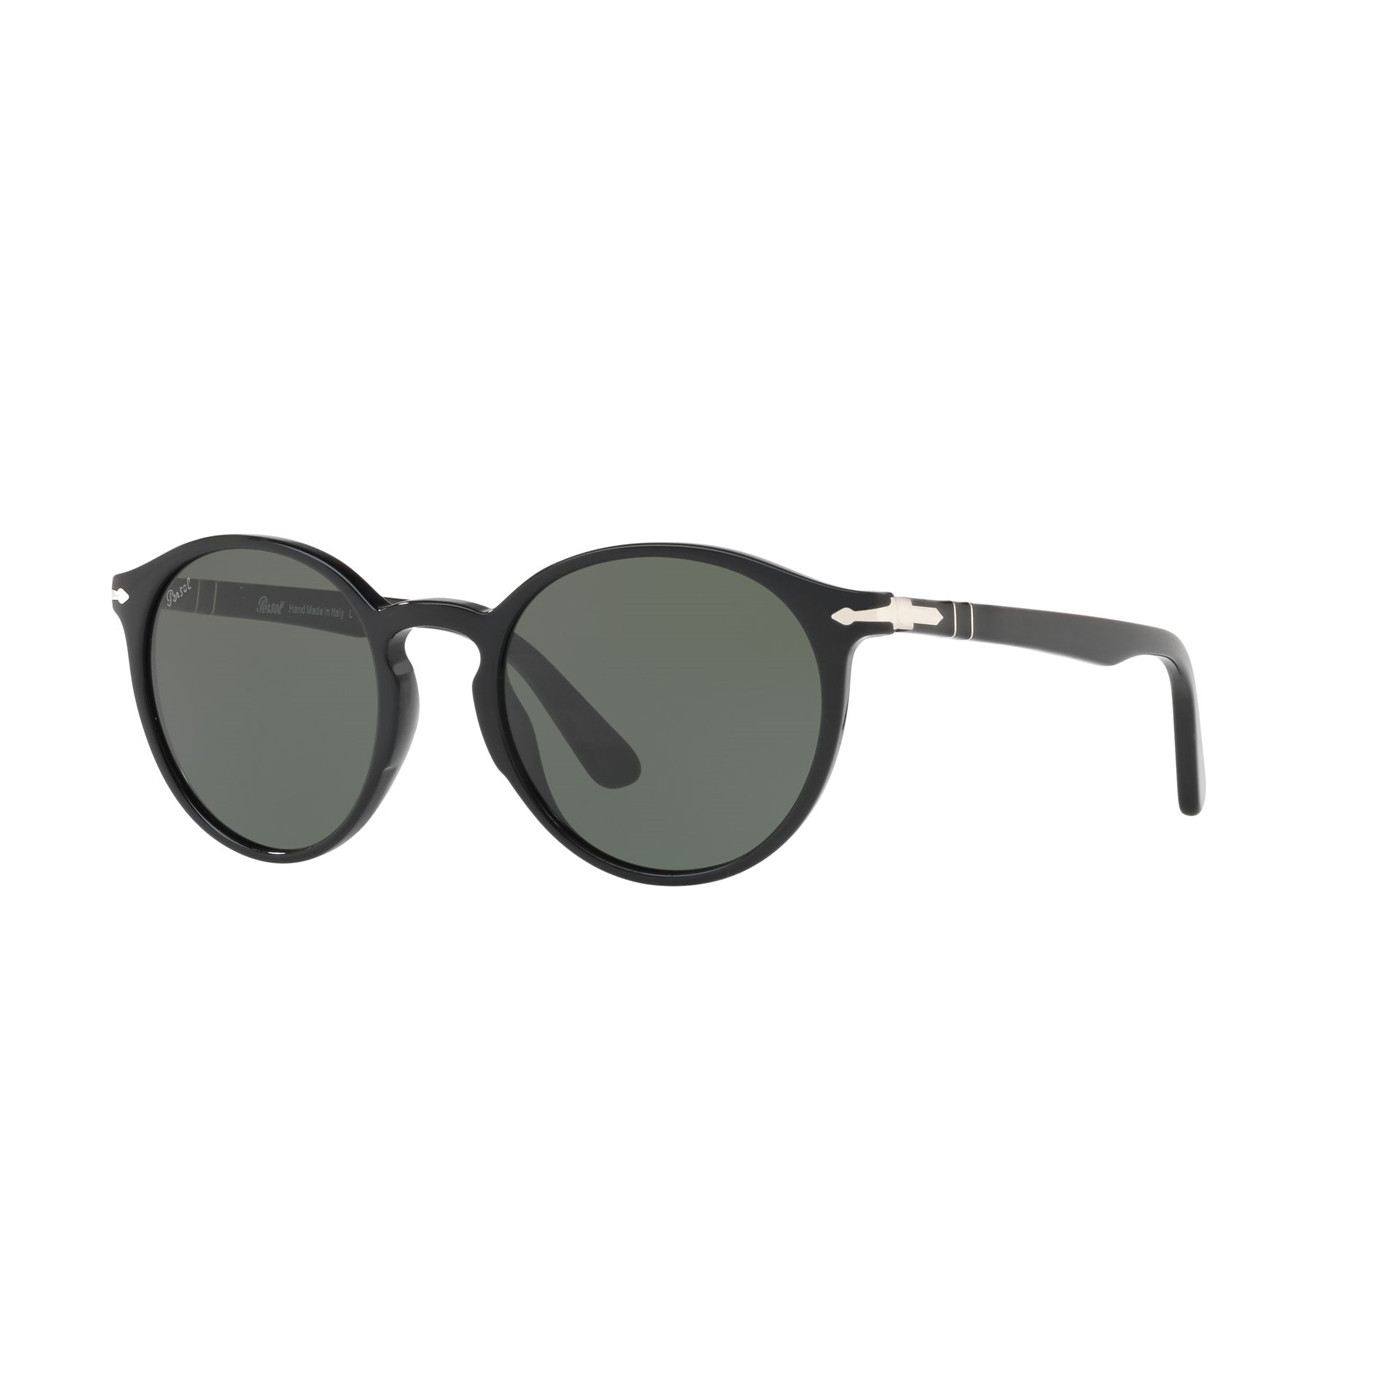 a1ad5038c5 Persol Black Sunglasses PO3171S953152 - Sunglasses